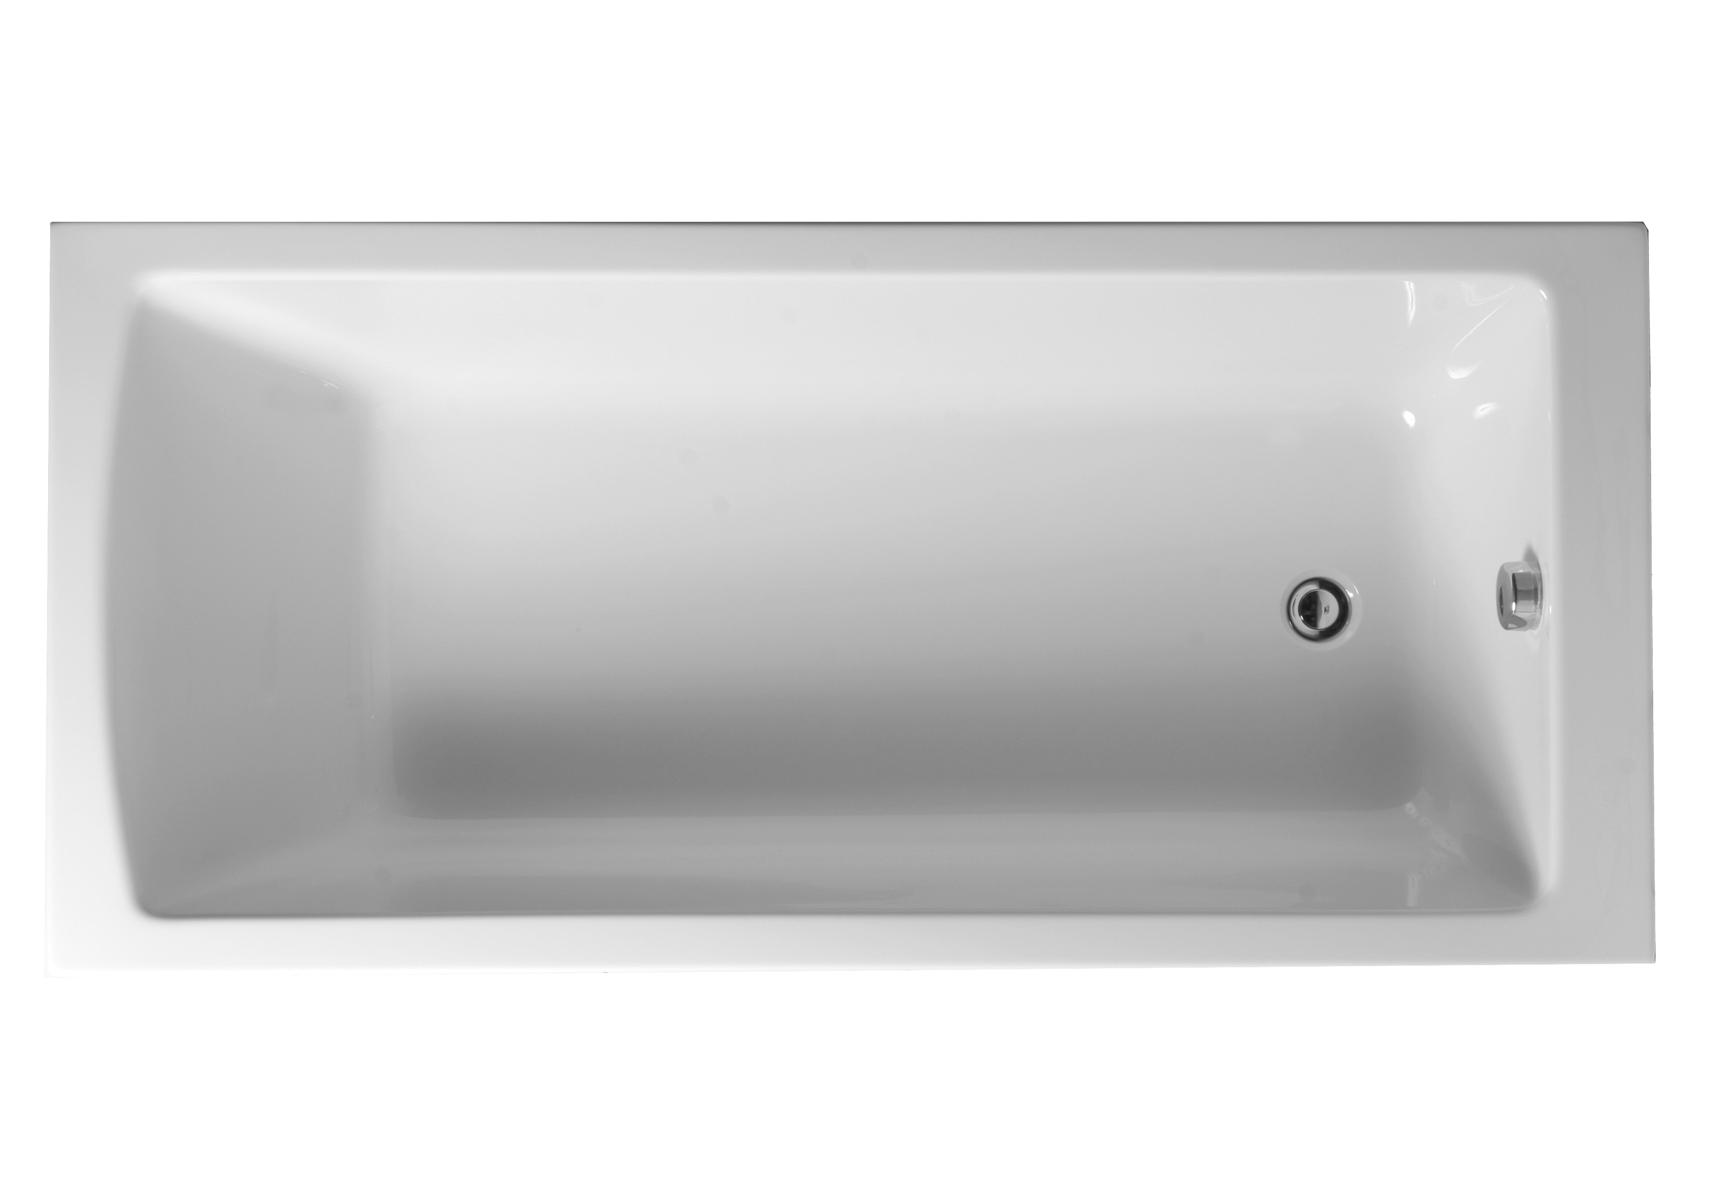 Integra baignoire ergonomique, rectangulaire en acylique 4 mm, version encastrée, 175  x  75 cm